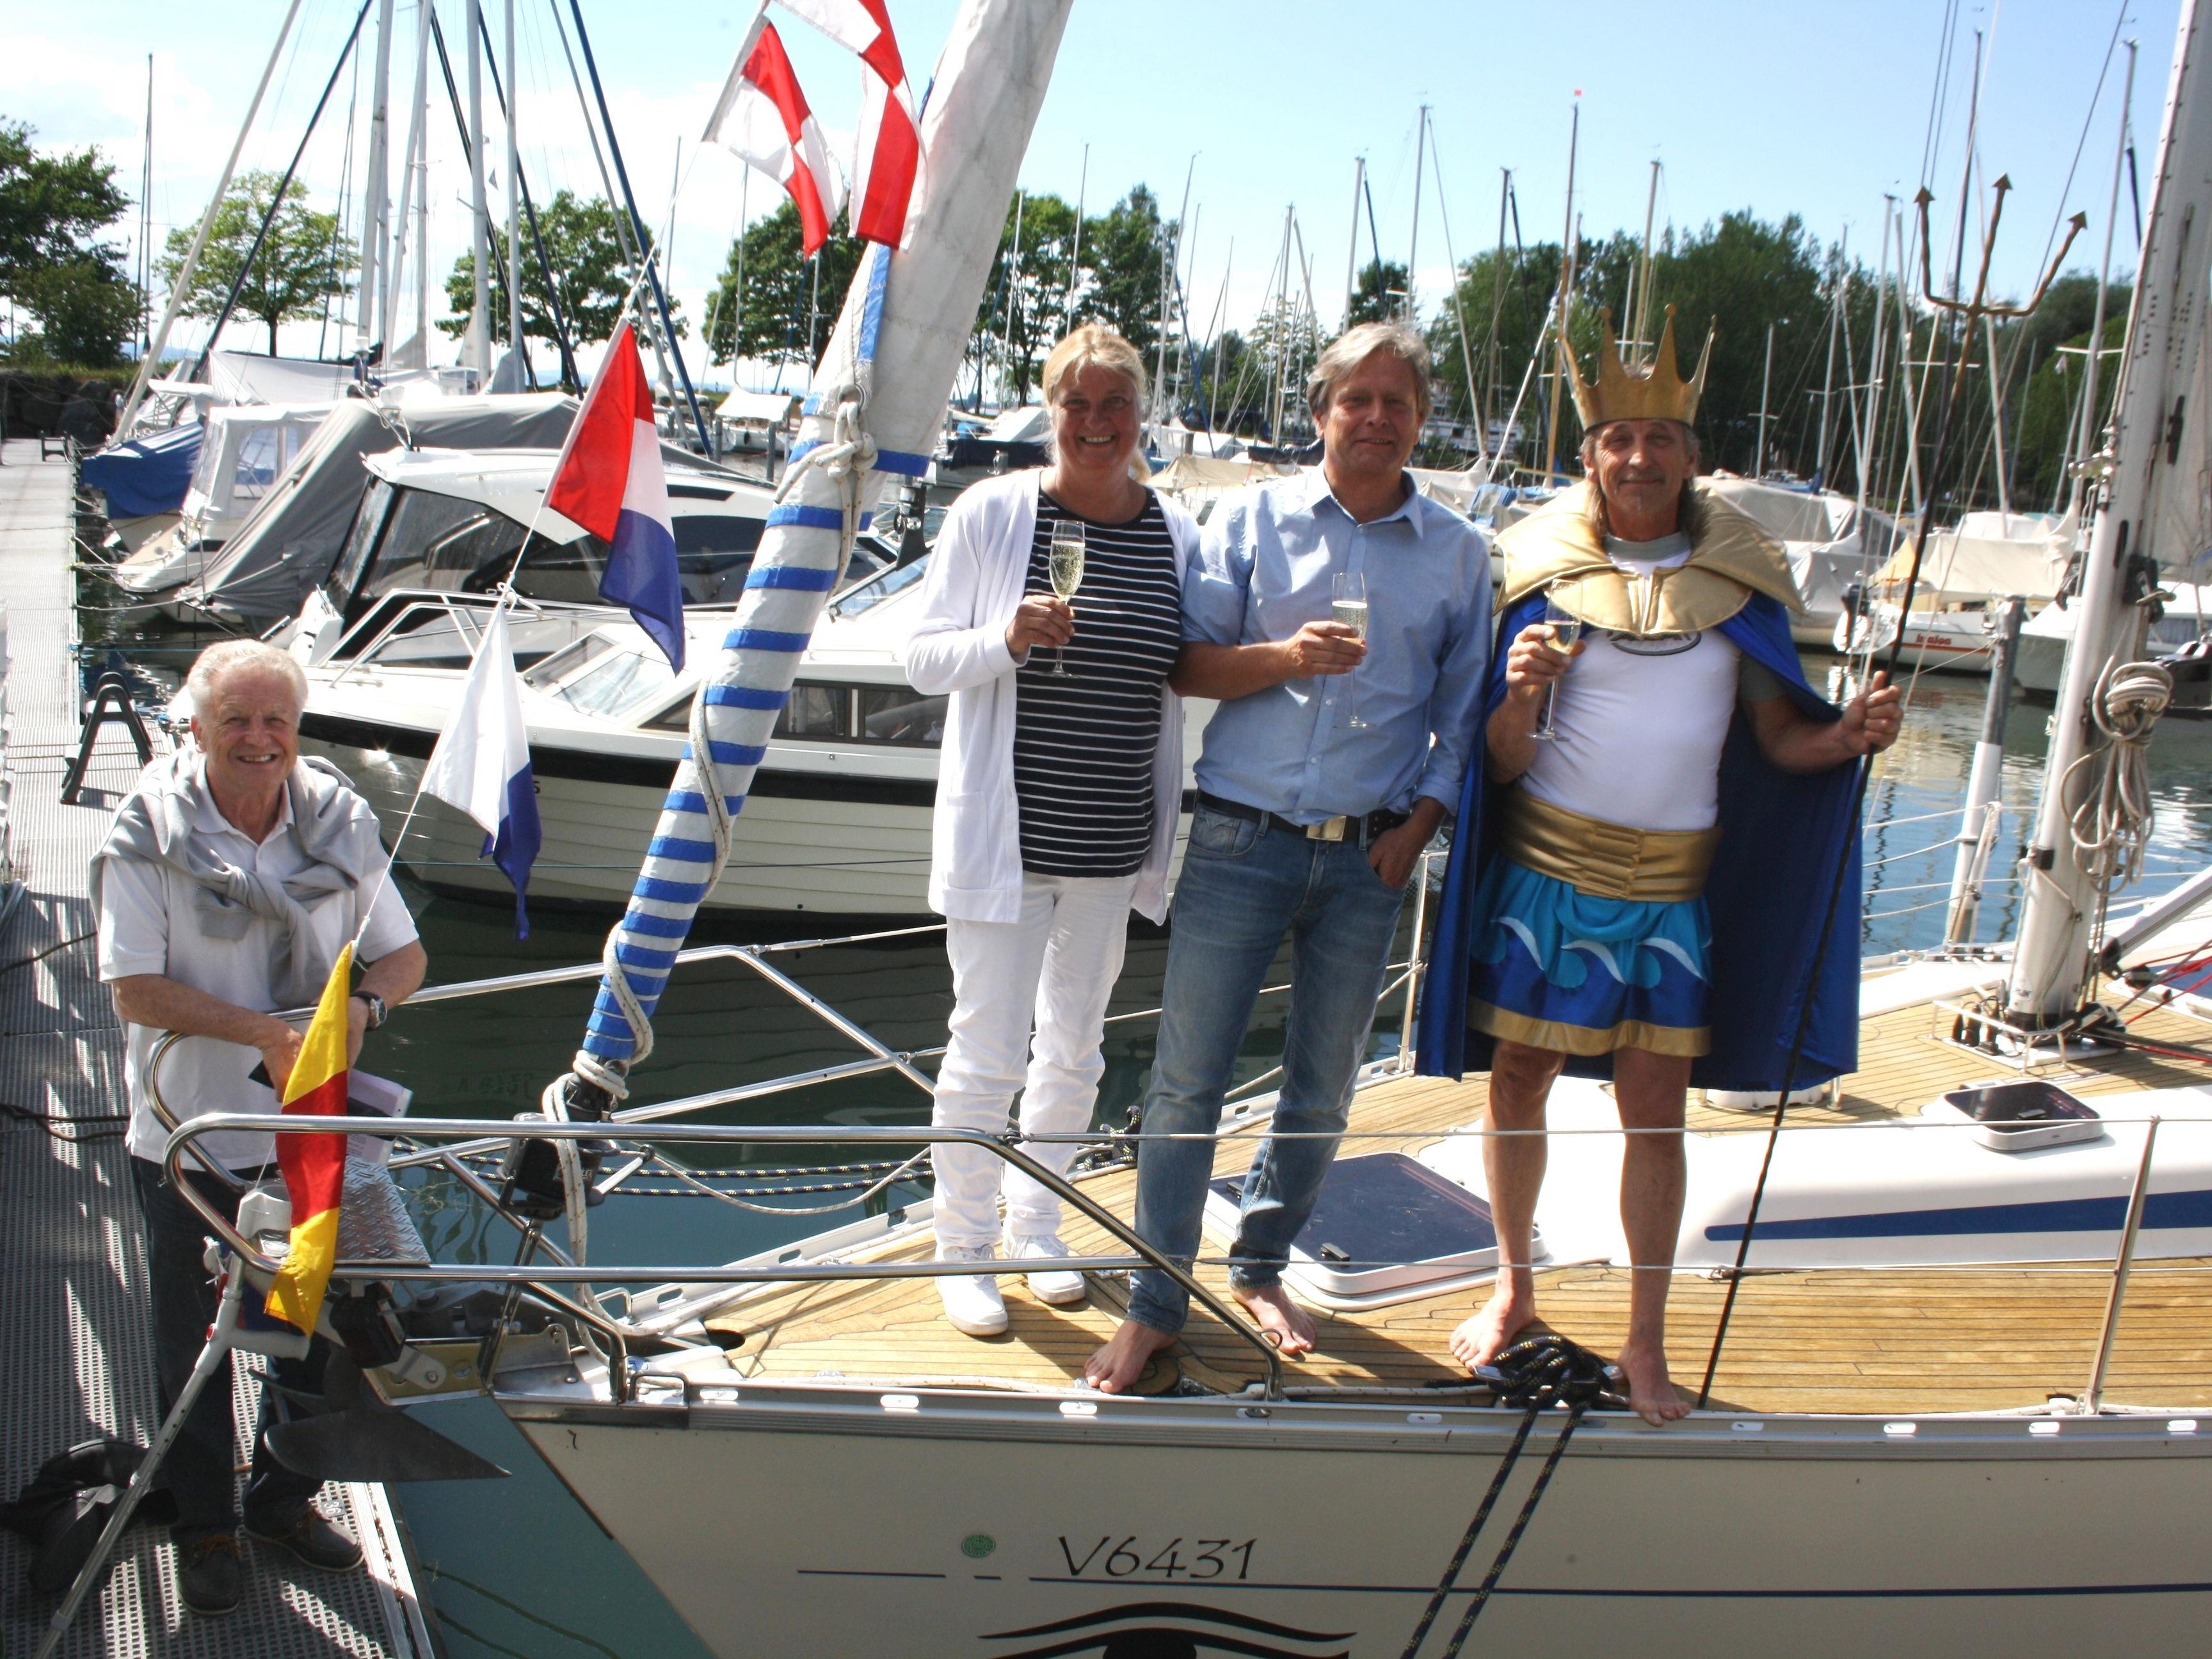 """""""Eine allzeit gute Fahrt und immer eine Handbreit Wasser unter dem Kiel"""", so der Wunsch des """"Bodenseegott Neptun"""" bei der Sekttaufe."""